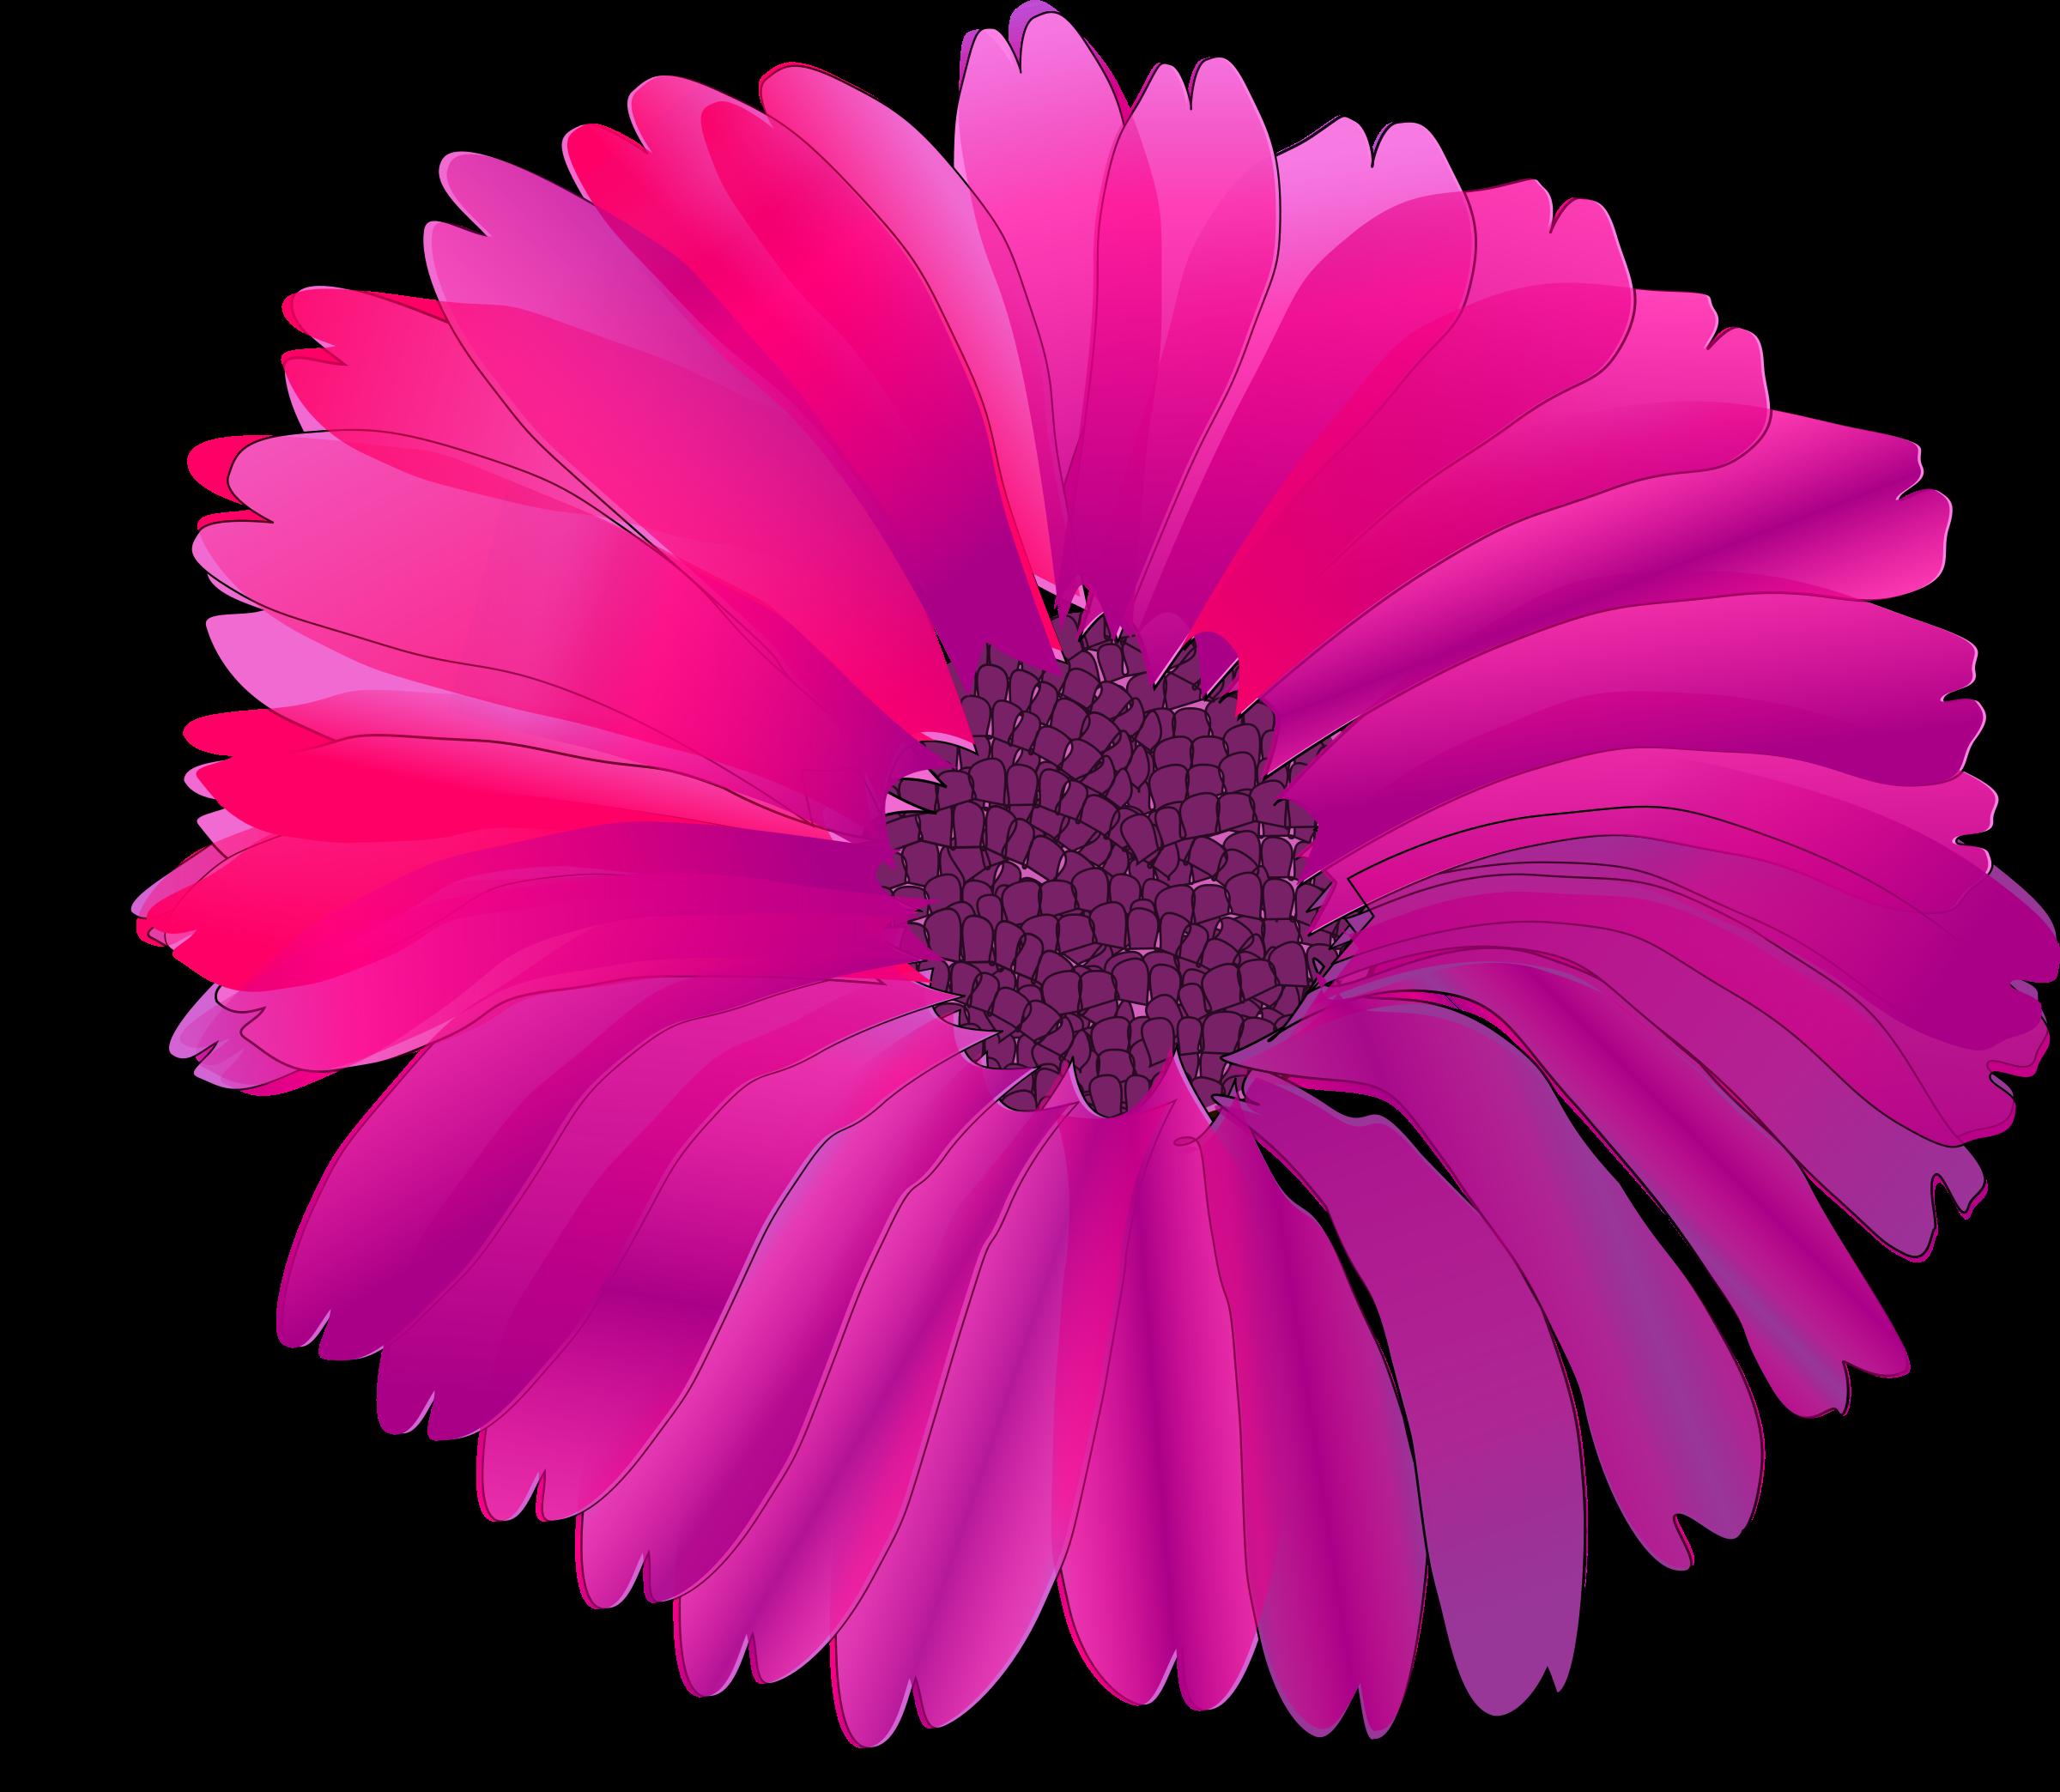 Floral clipart fuschia. Flowers png transparent images